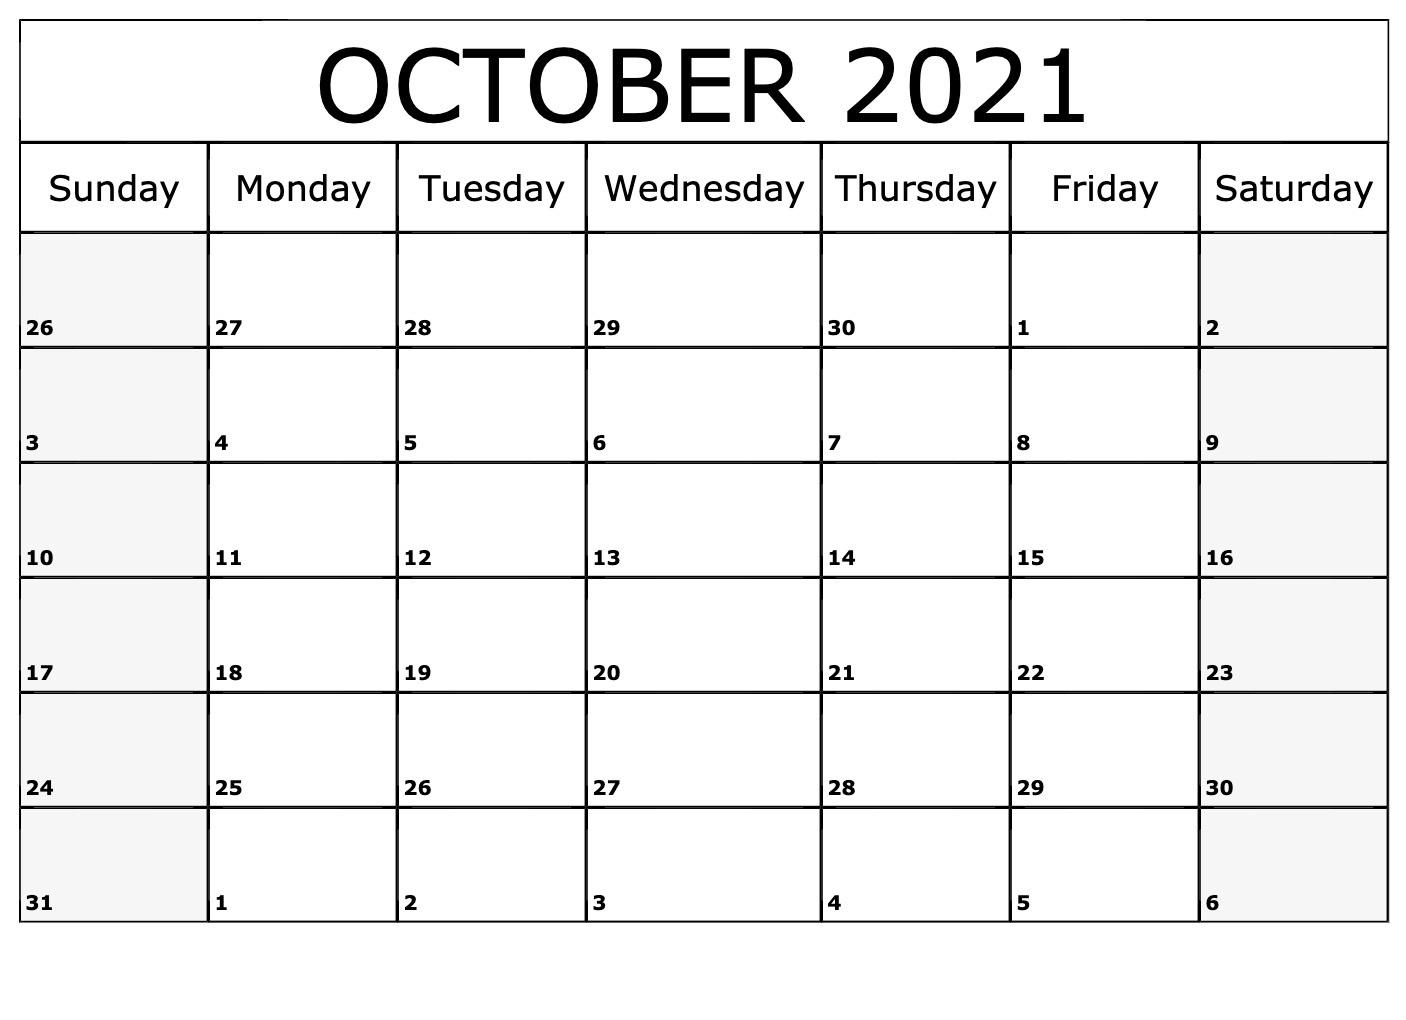 August 2021 Calendar : Calendarness : Free Download ...